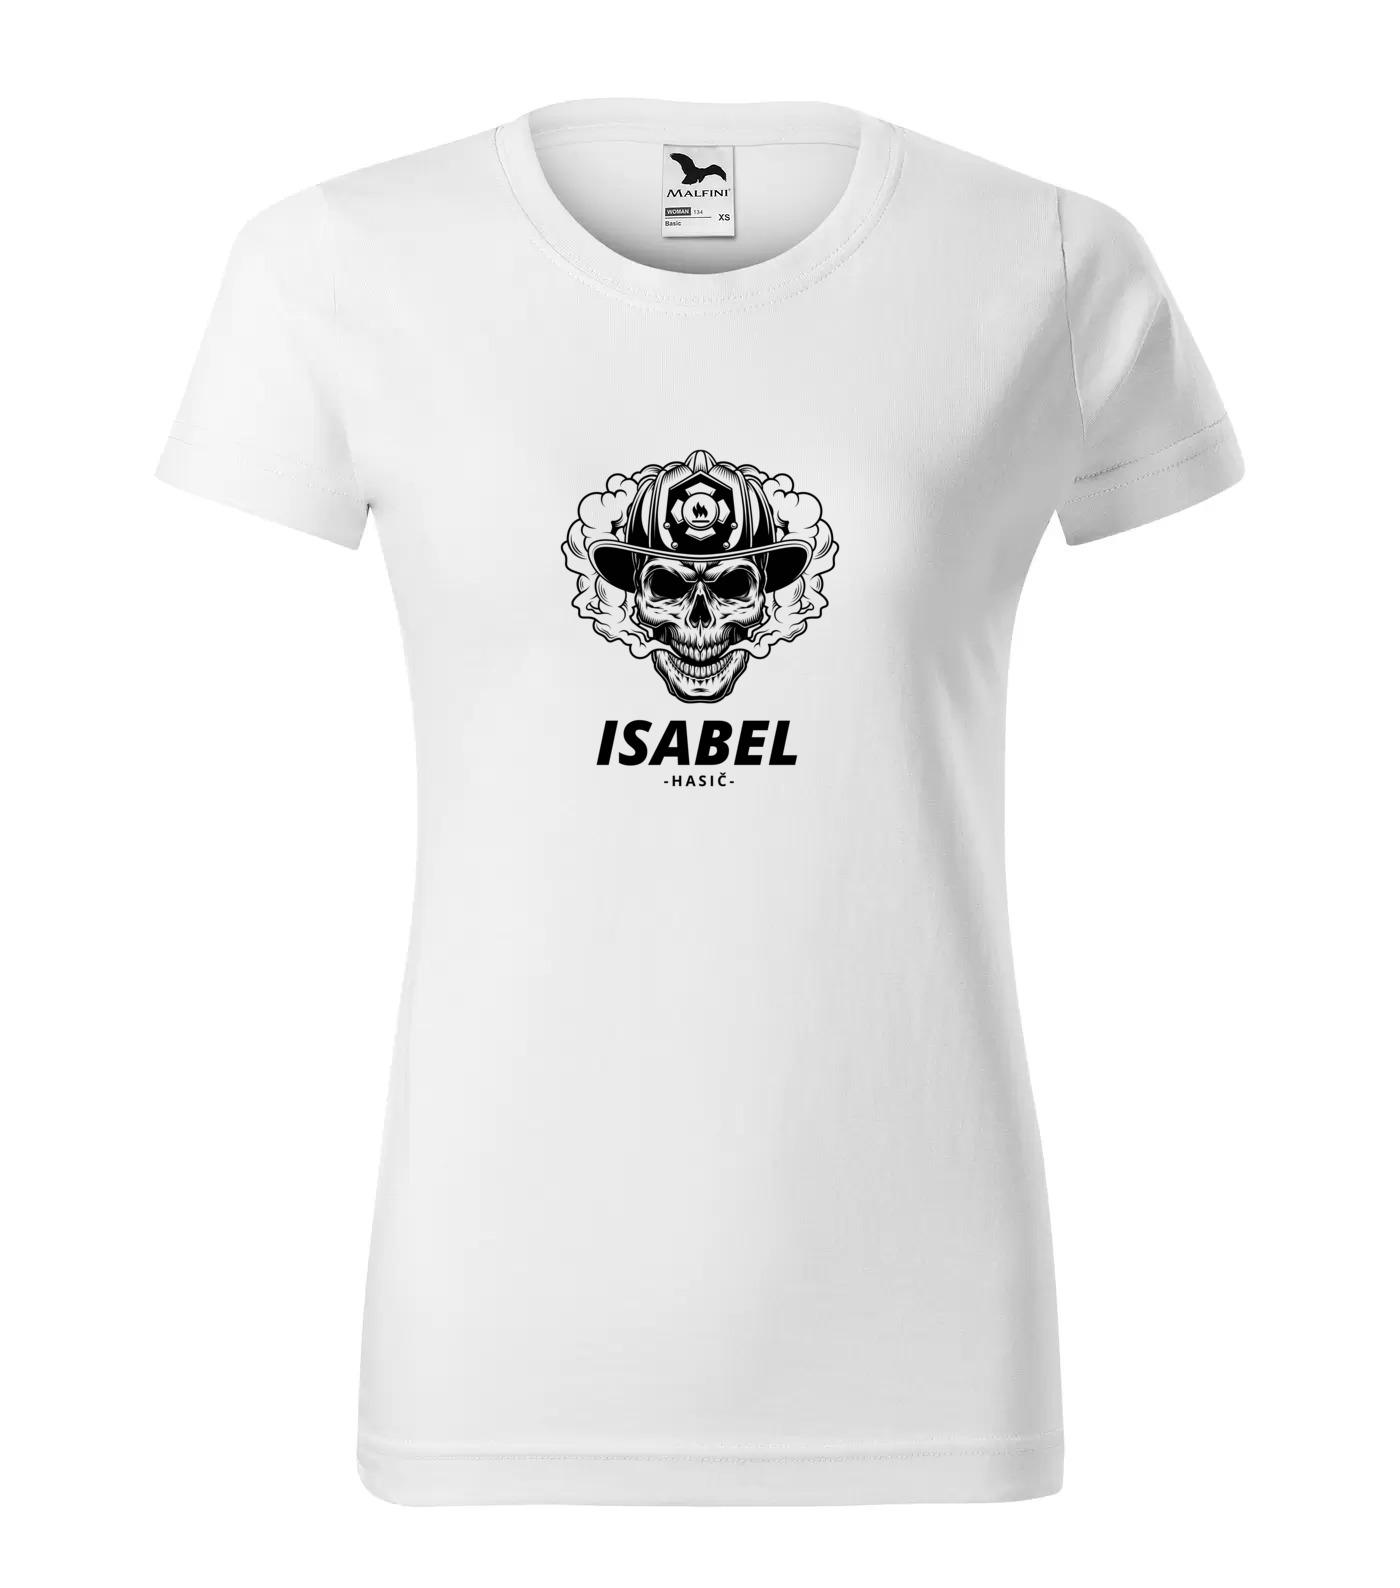 Tričko Hasič Isabel